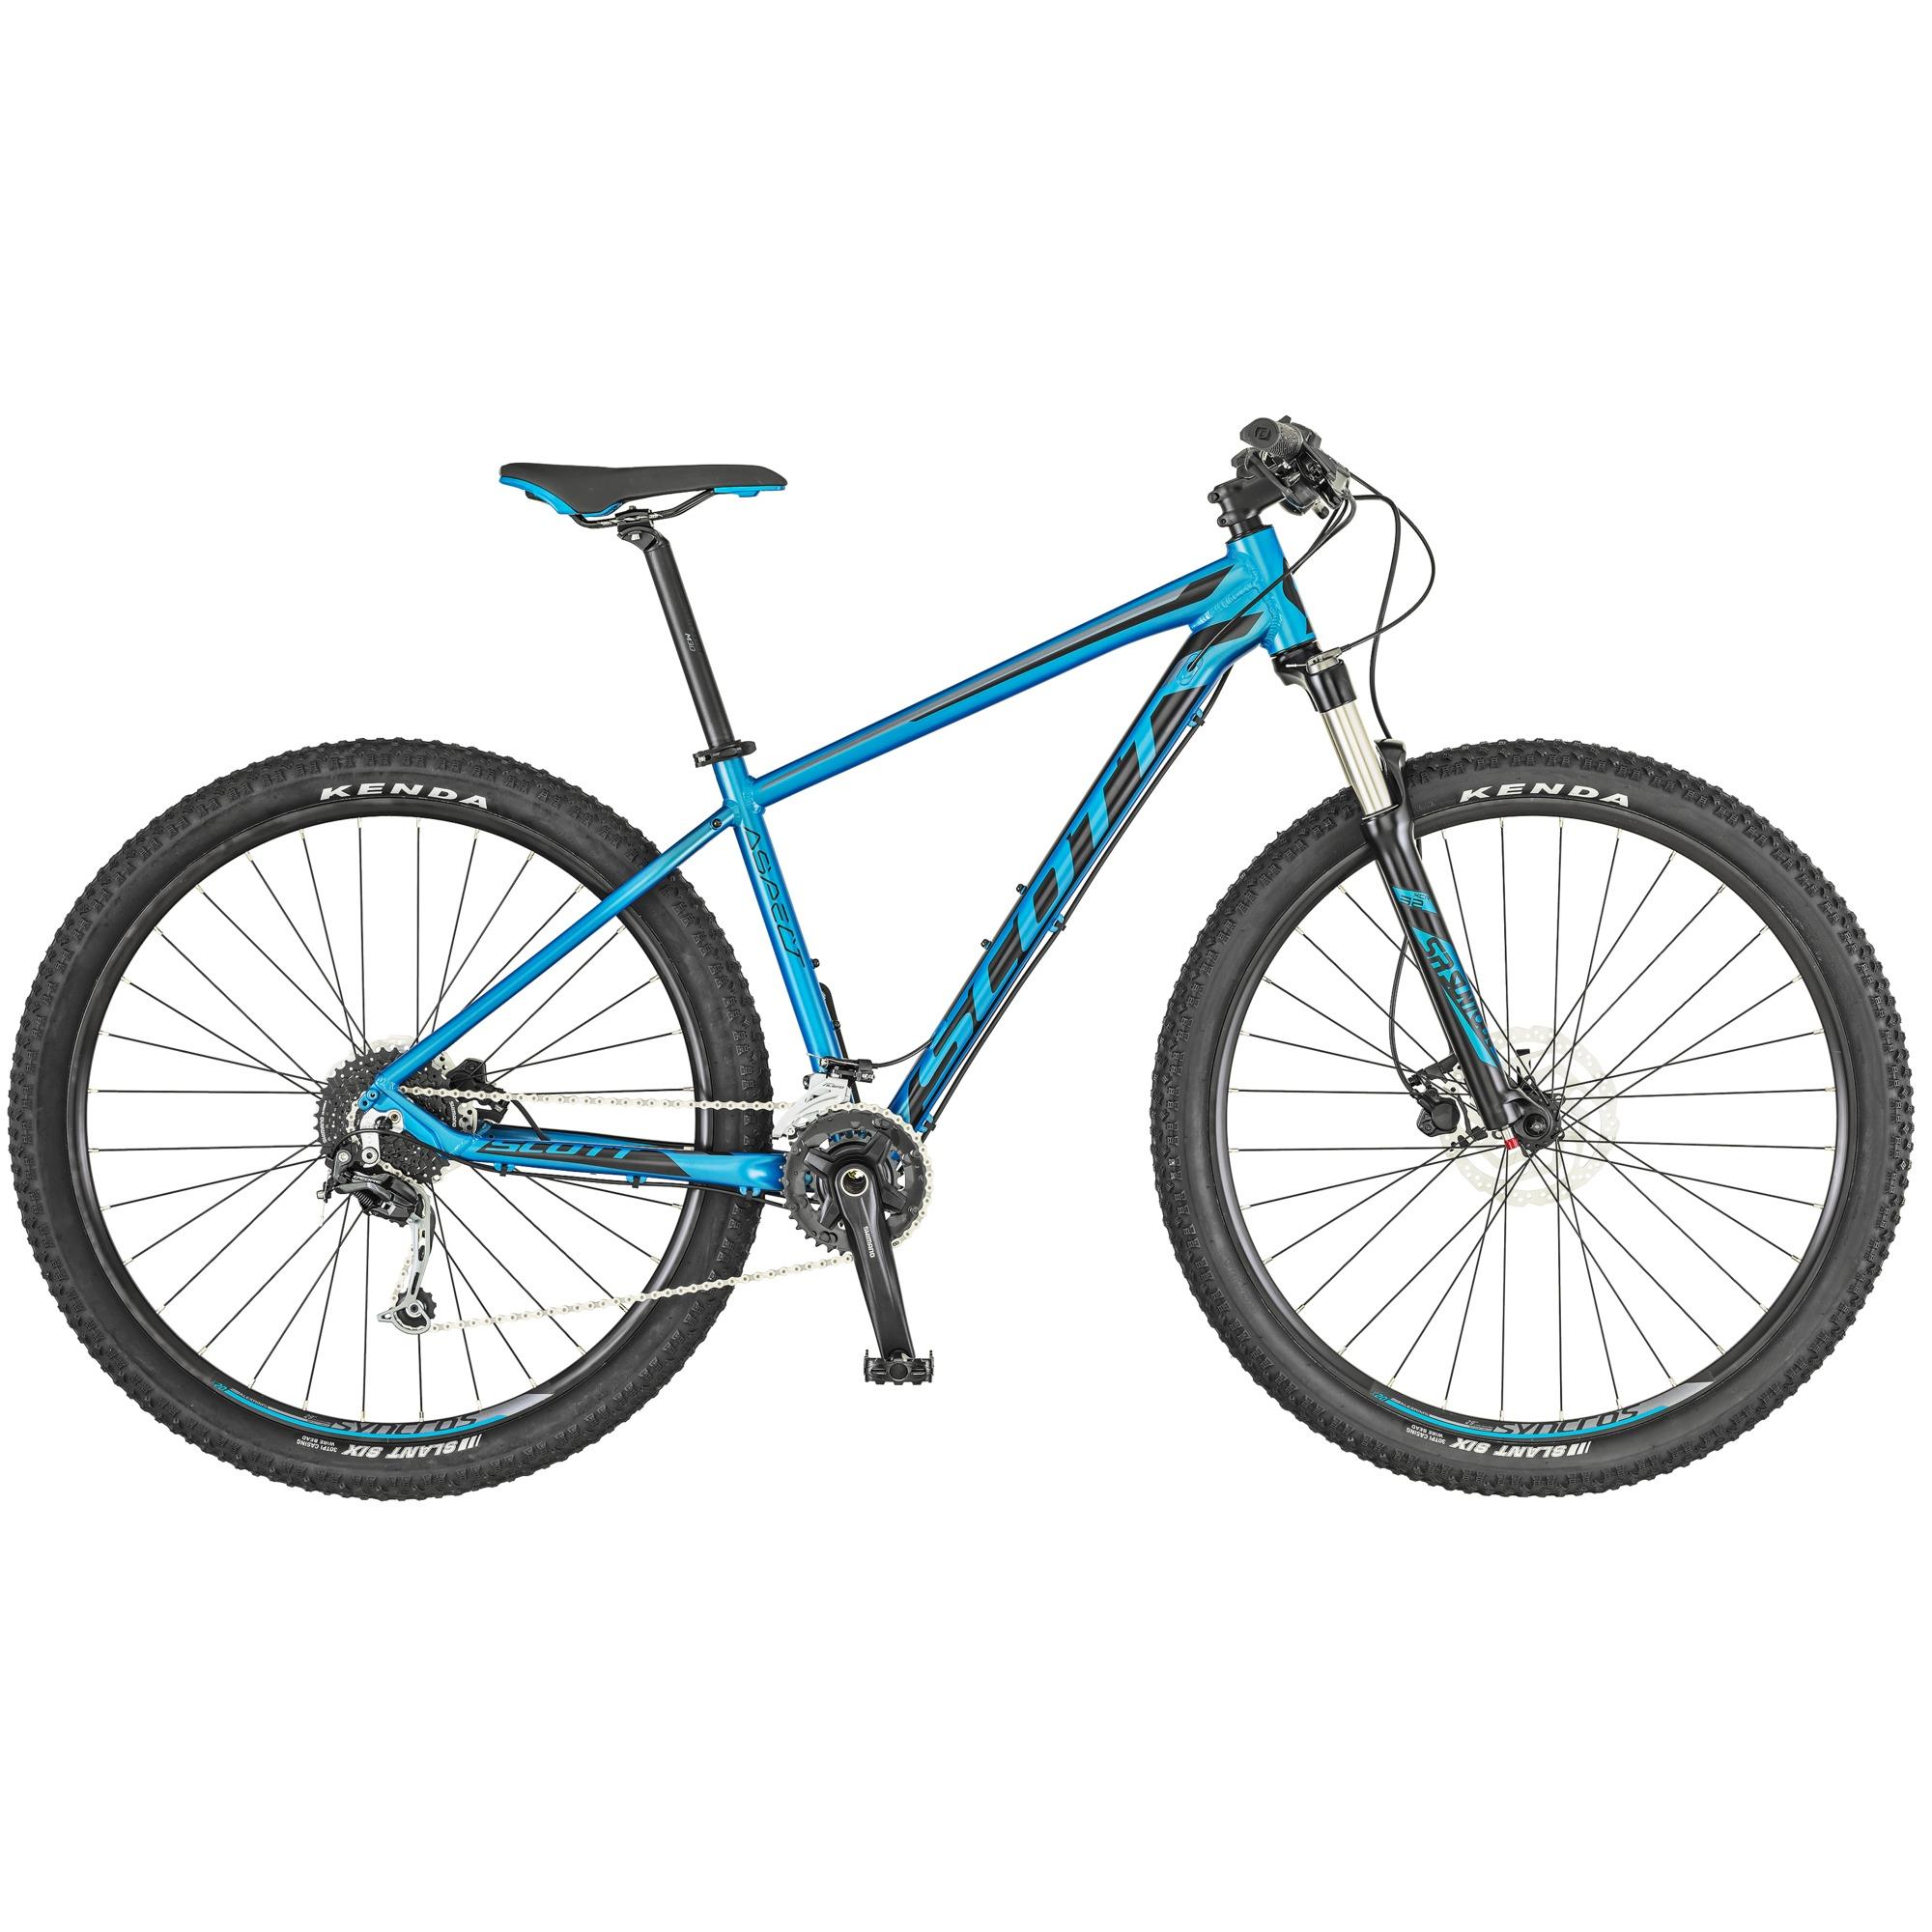 SCOTT Aspect 930 Blue/Grey Bike L - SCOTT Aspect 930 Blue/Grey Bike L